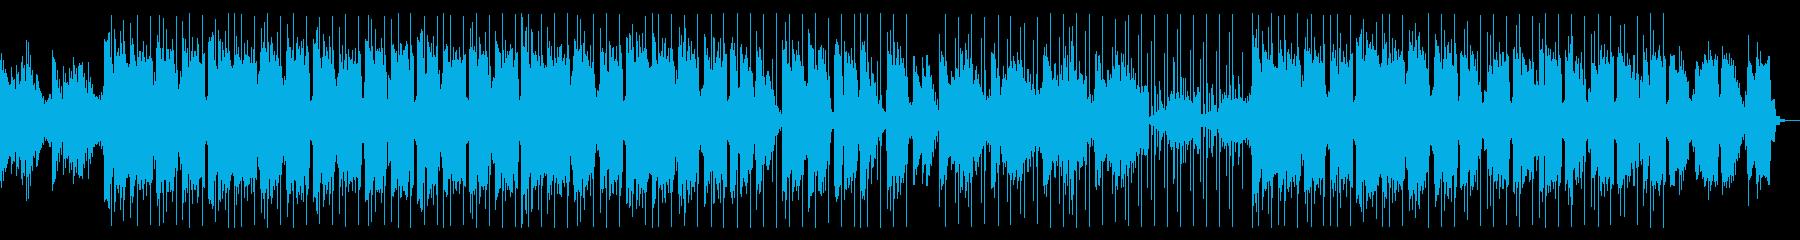 避暑・メロウで脱力系・夏のチルホップの再生済みの波形